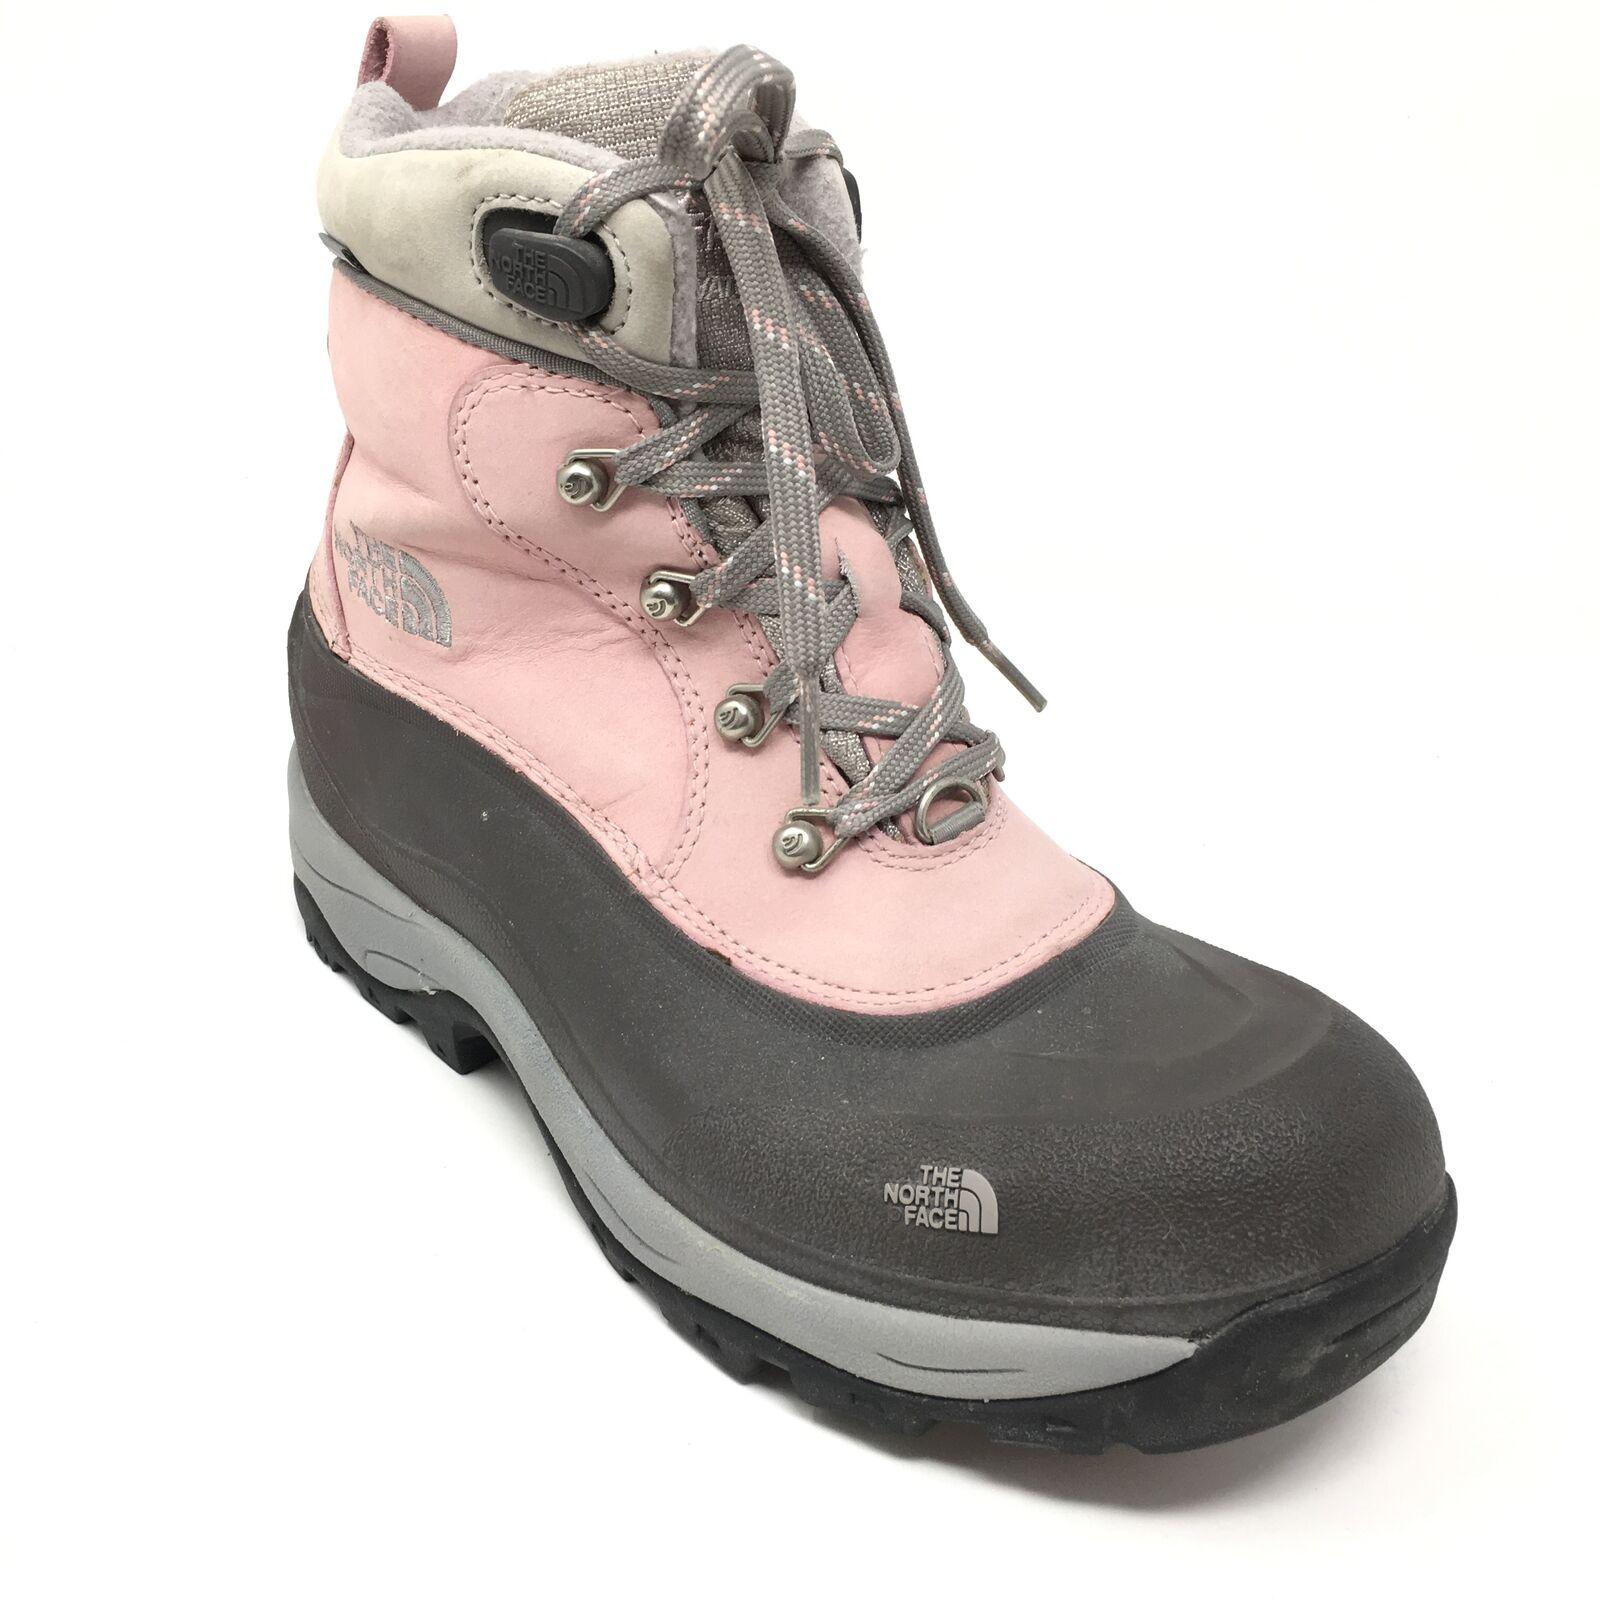 vendita all'ingrosso Donna  The North Face Waterproof Waterproof Waterproof Winter stivali scarpe Dimensione 8M rosa Insulated AB9  classico senza tempo